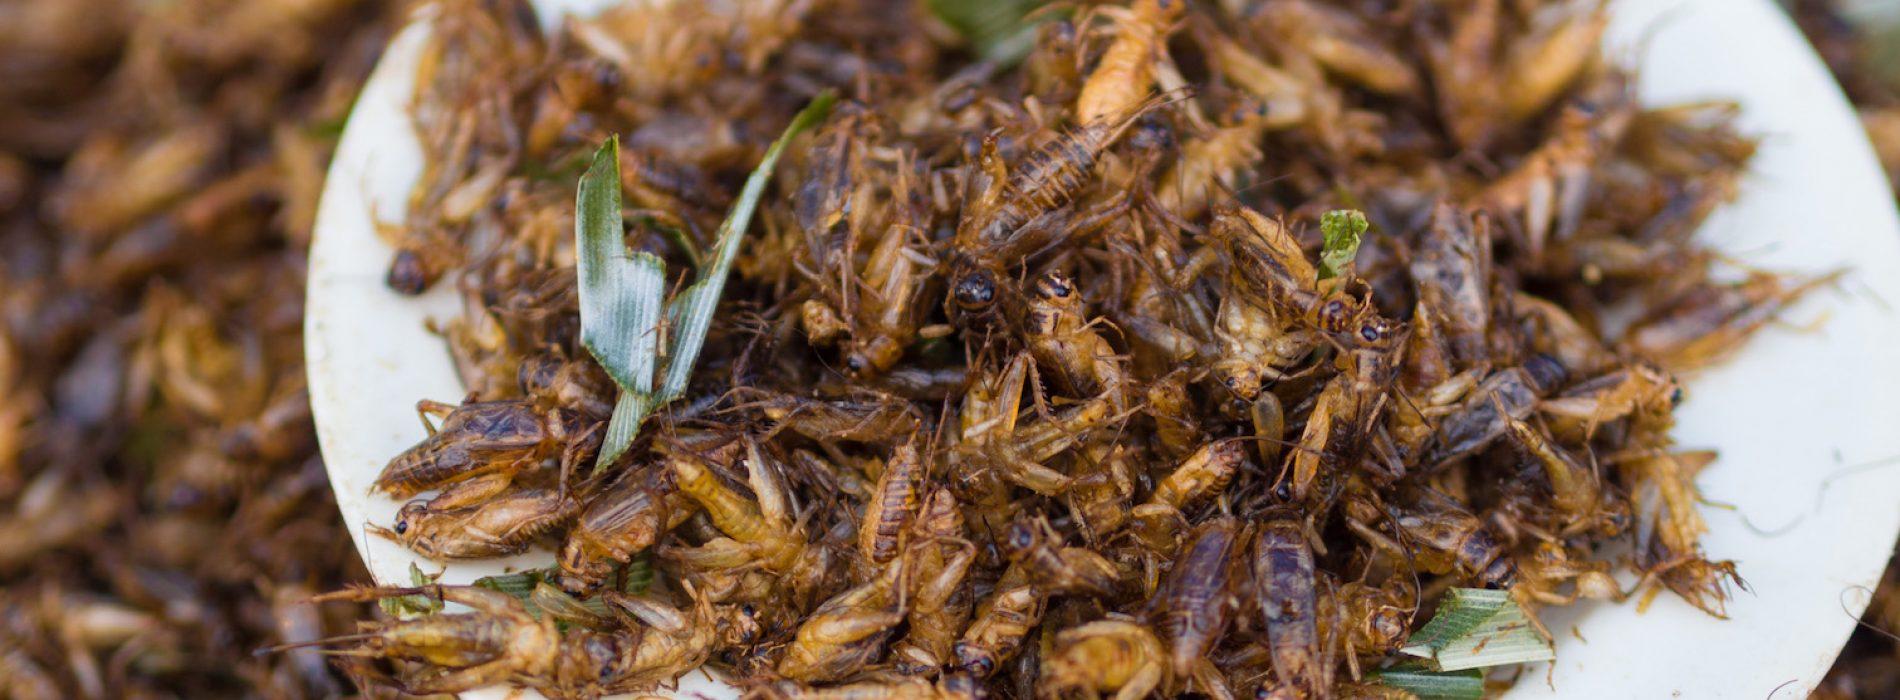 """Wetenschappers beweren dat insecten vol antioxidanten zitten en dat het drinken van """"cricketsap"""" kanker stopt"""